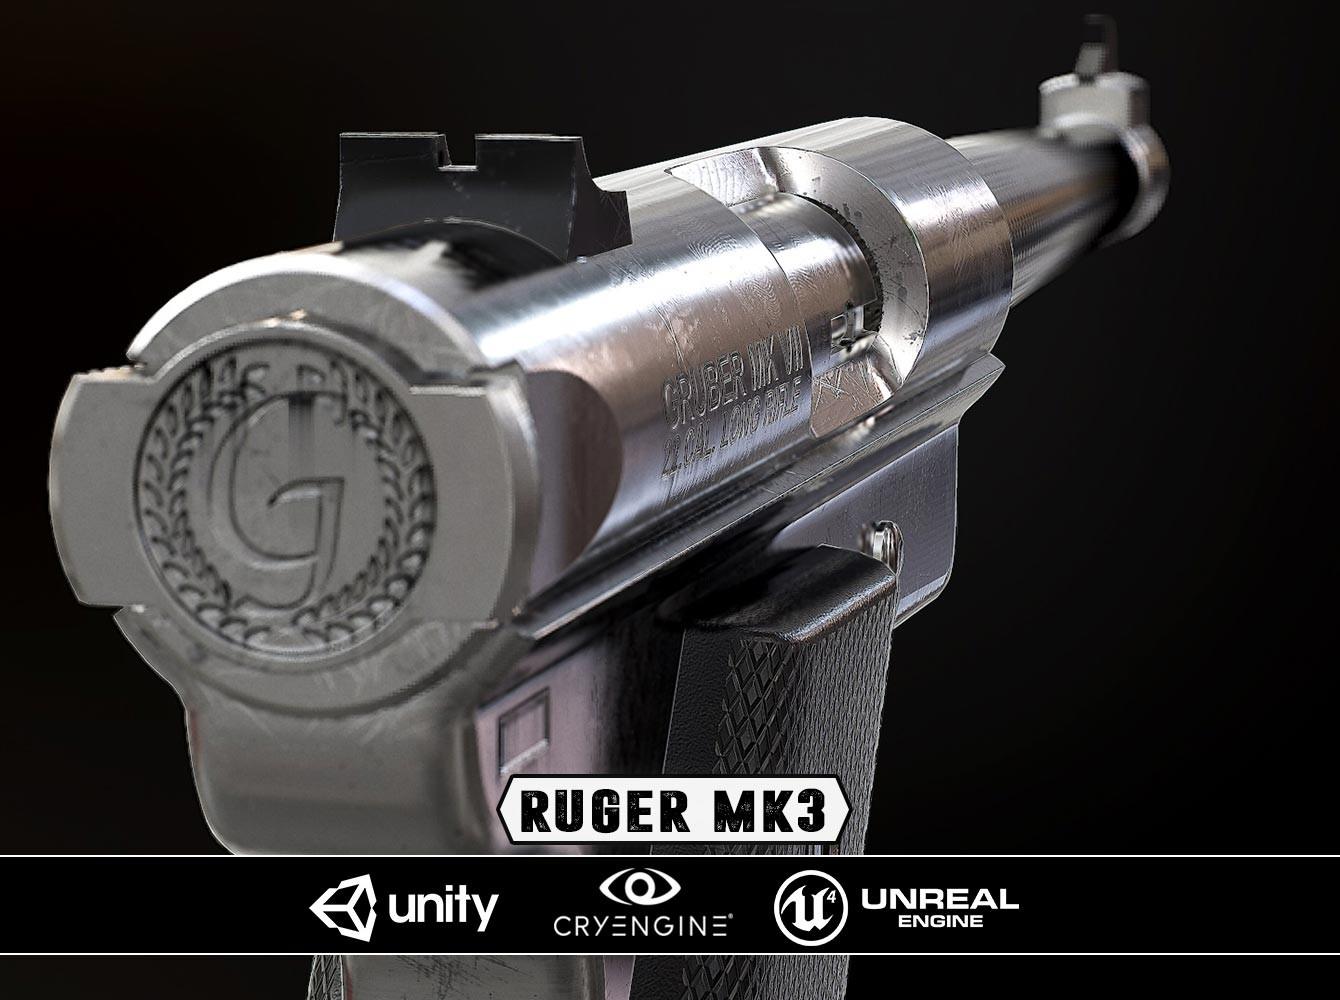 RugerMK3.jpg